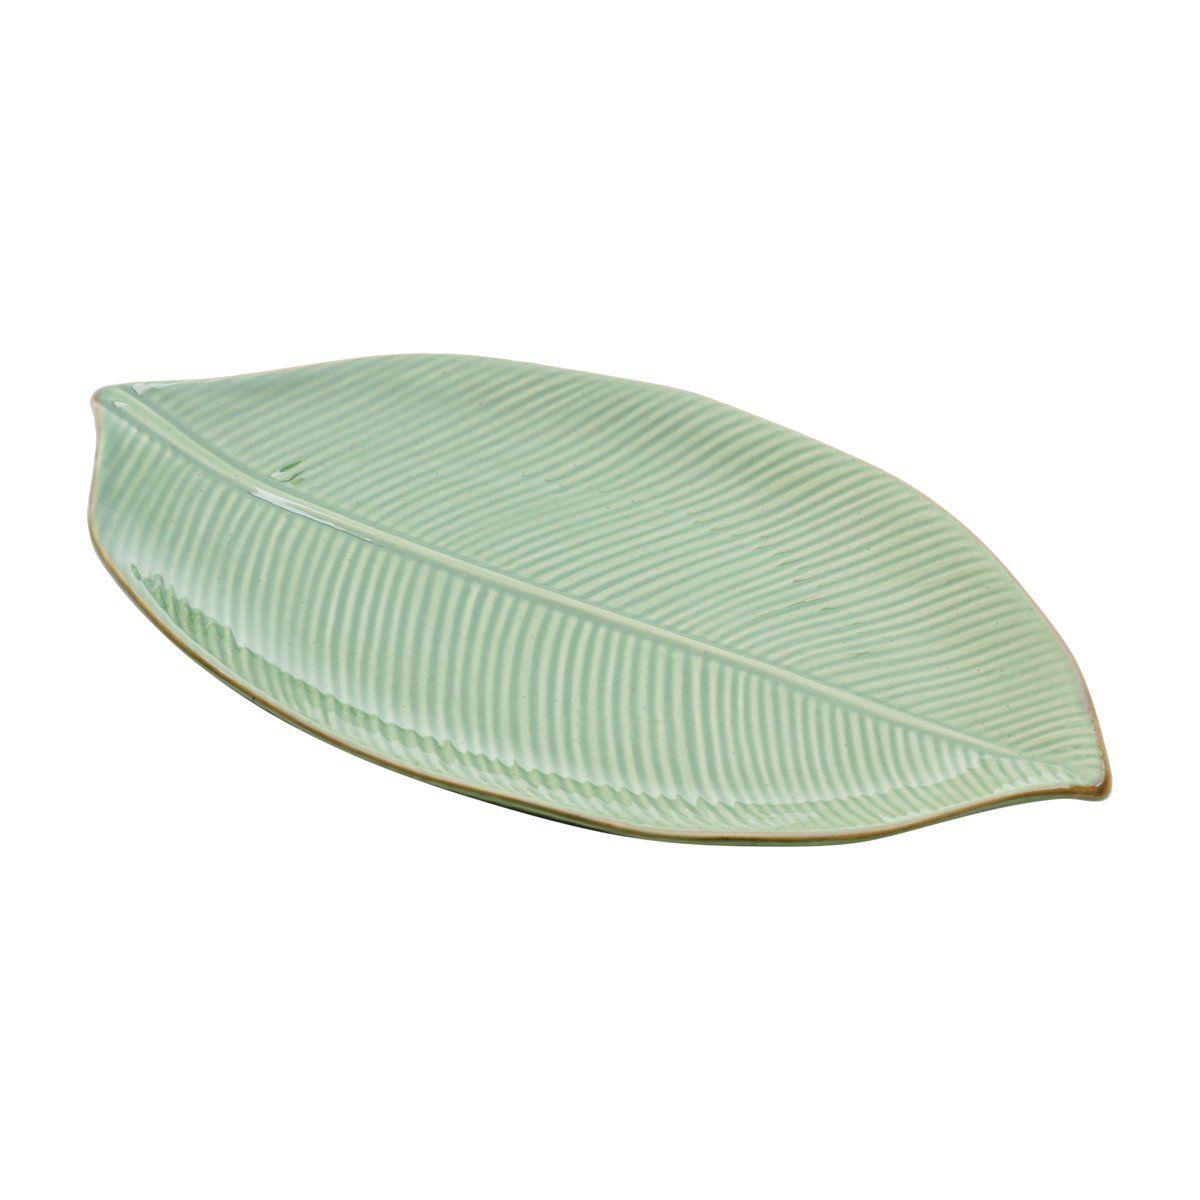 Folha decorativa 35,5 x 20,5 cm de cerâmica verde Banana Leaf Lyor - L4124